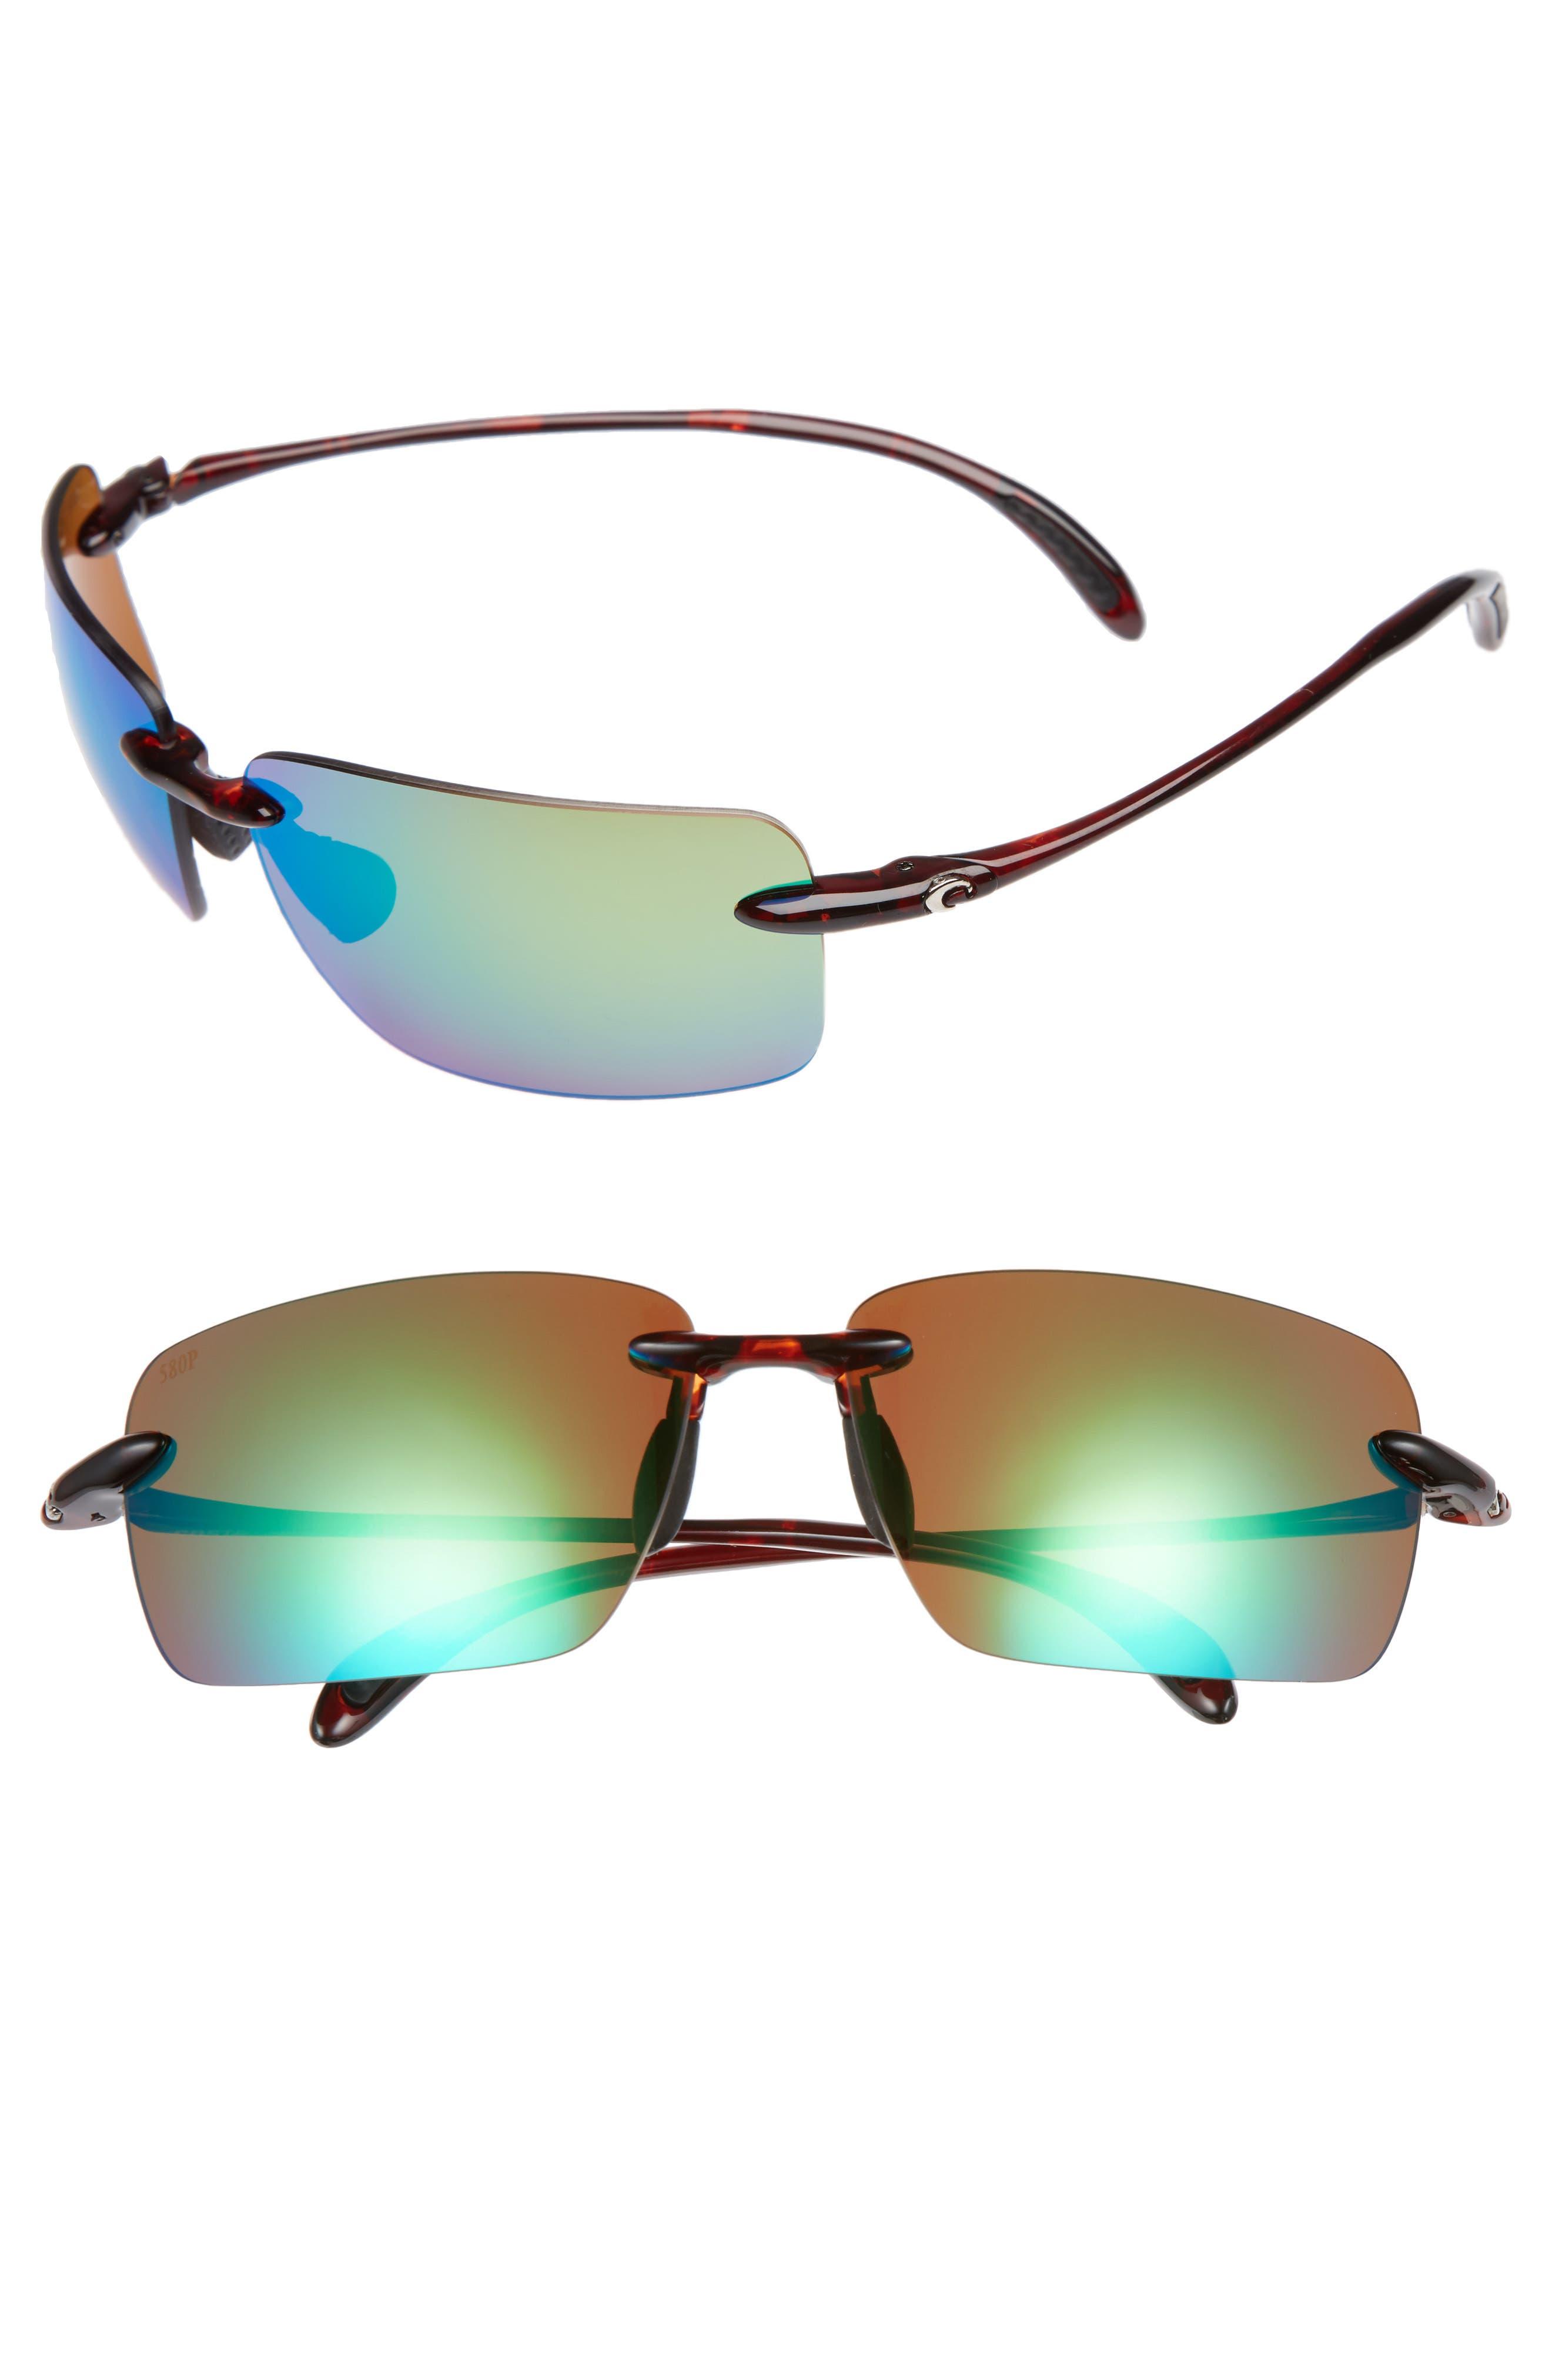 Costa Del Mar Gulfshore XL 66mm Polarized Sunglasses